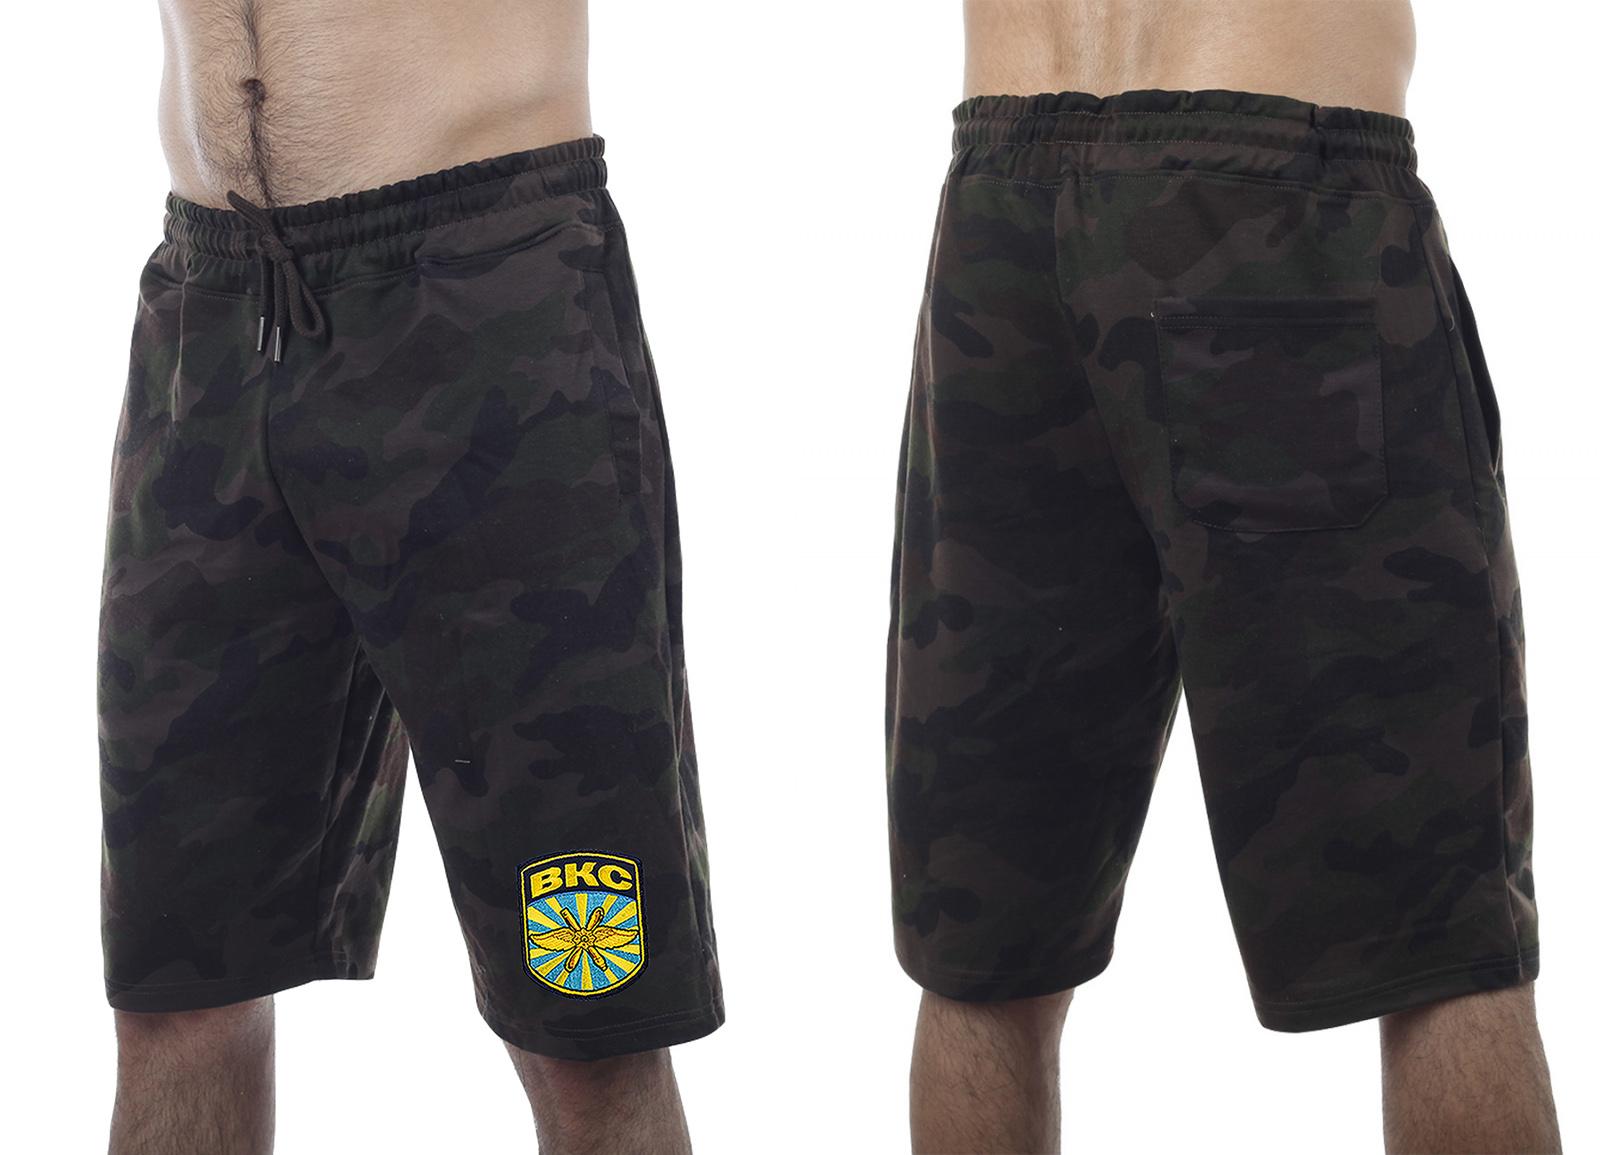 Удлиненные свободные шорты с нашивкой ВКС - заказать по низкой цене